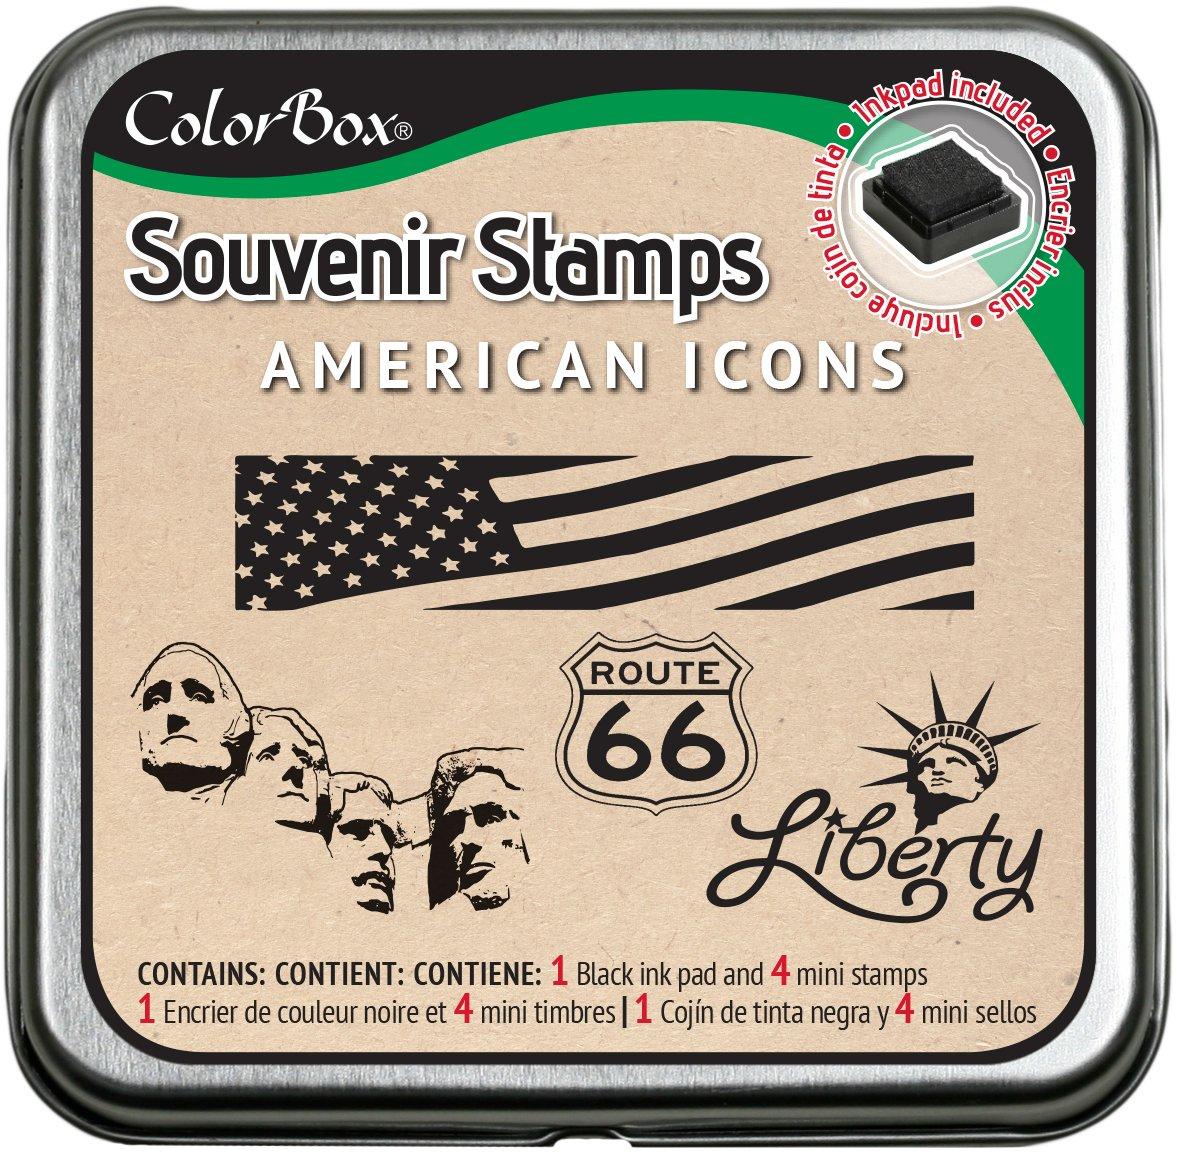 Paris CLEARSNAP ColorBox Souvenir Stamps